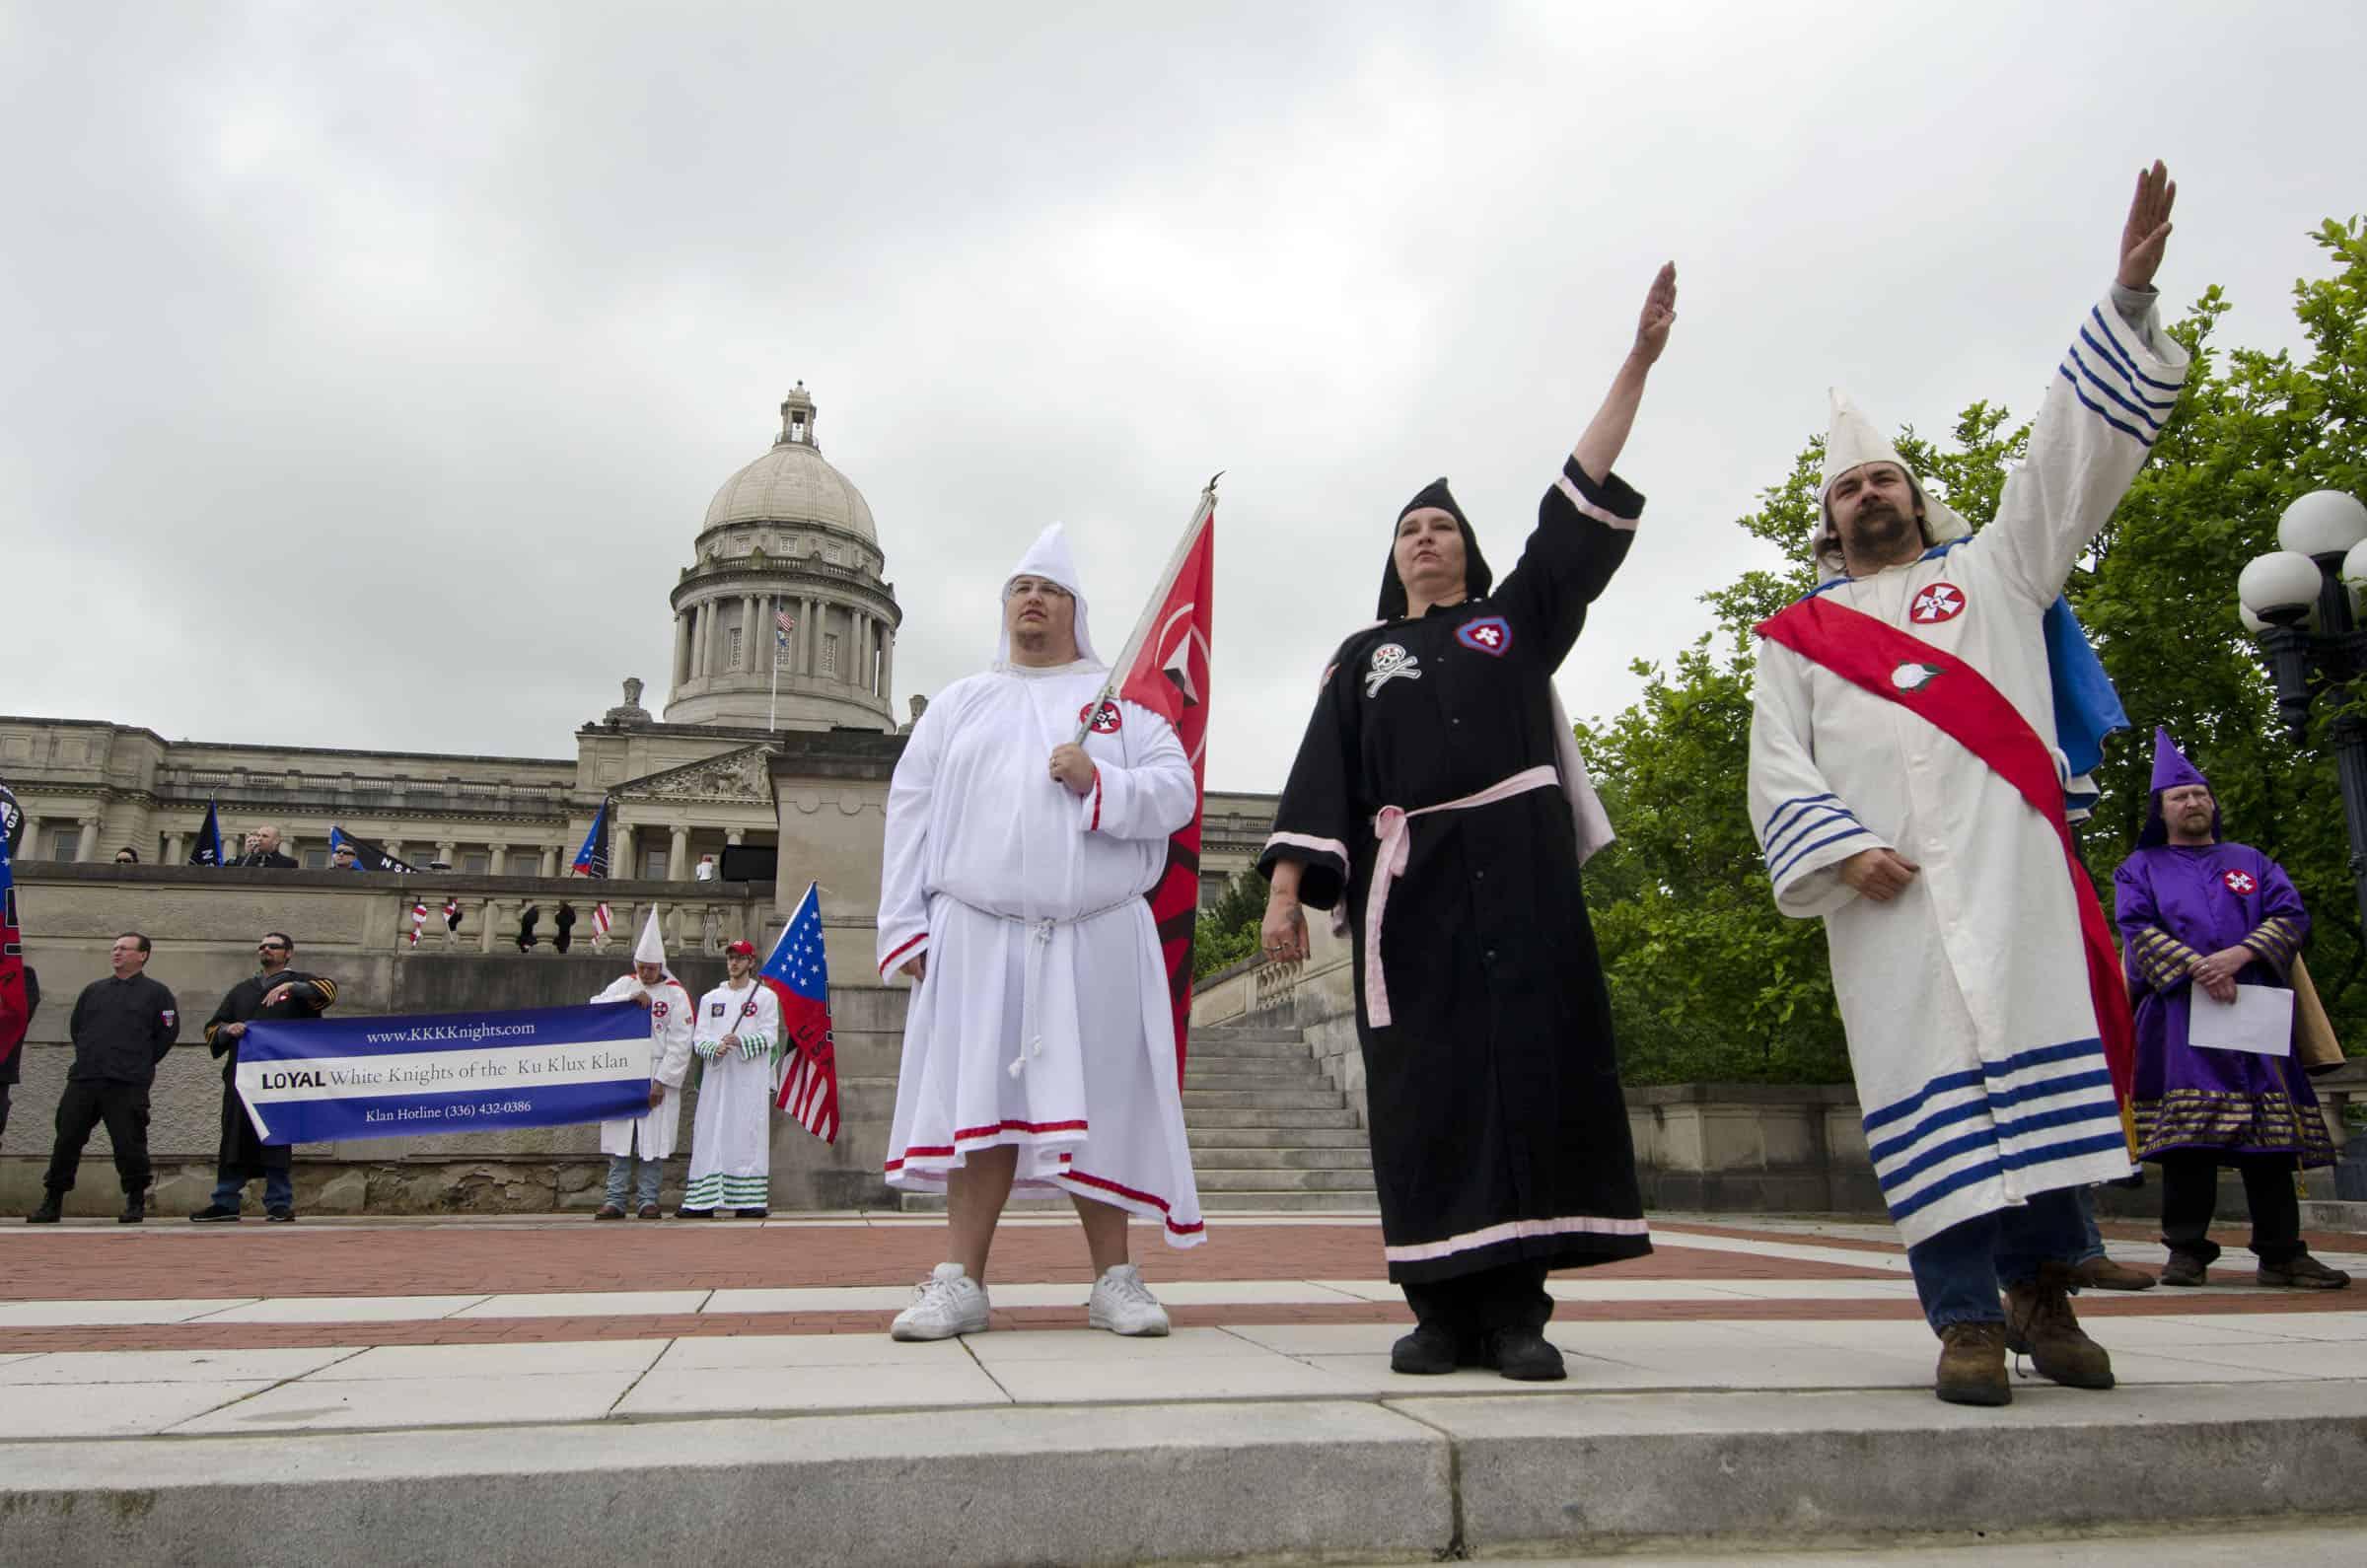 גזענים אמריקאים צועדים בקנטקי, ארצות הברית, ב-2012 (צילום: AP Photo/John Flavell)